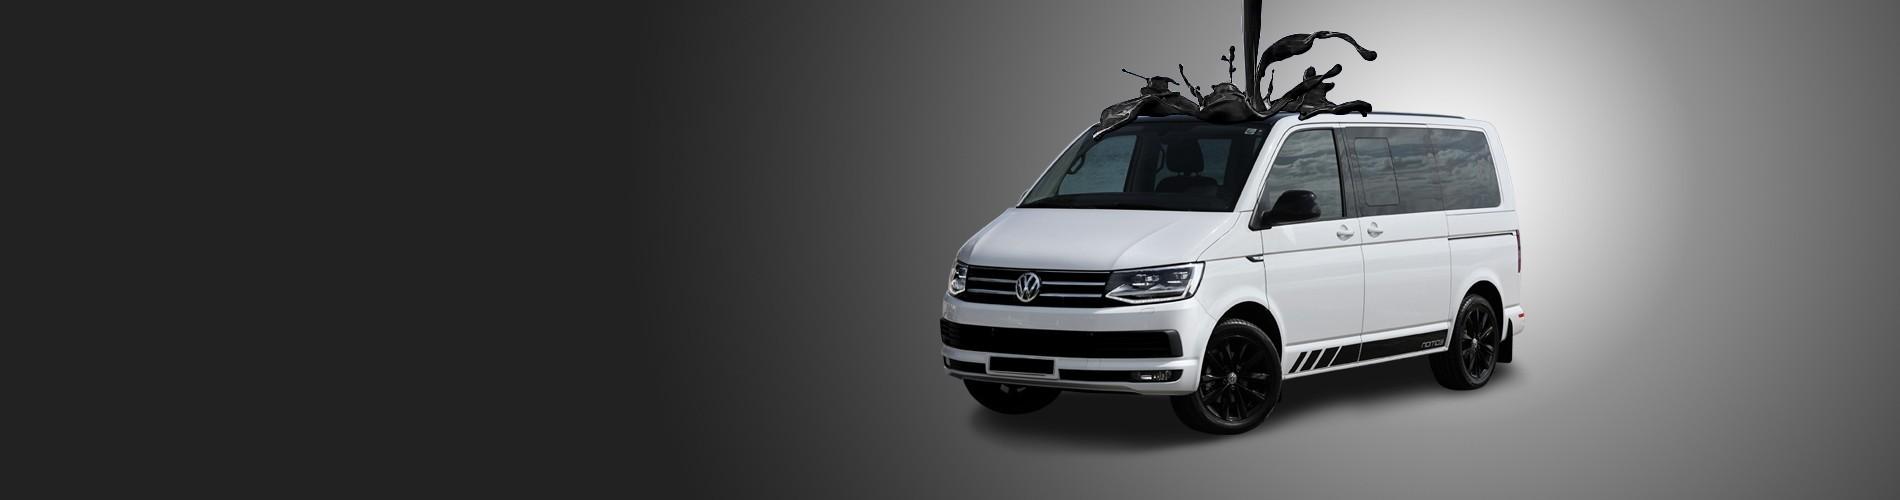 Volkswagen decal